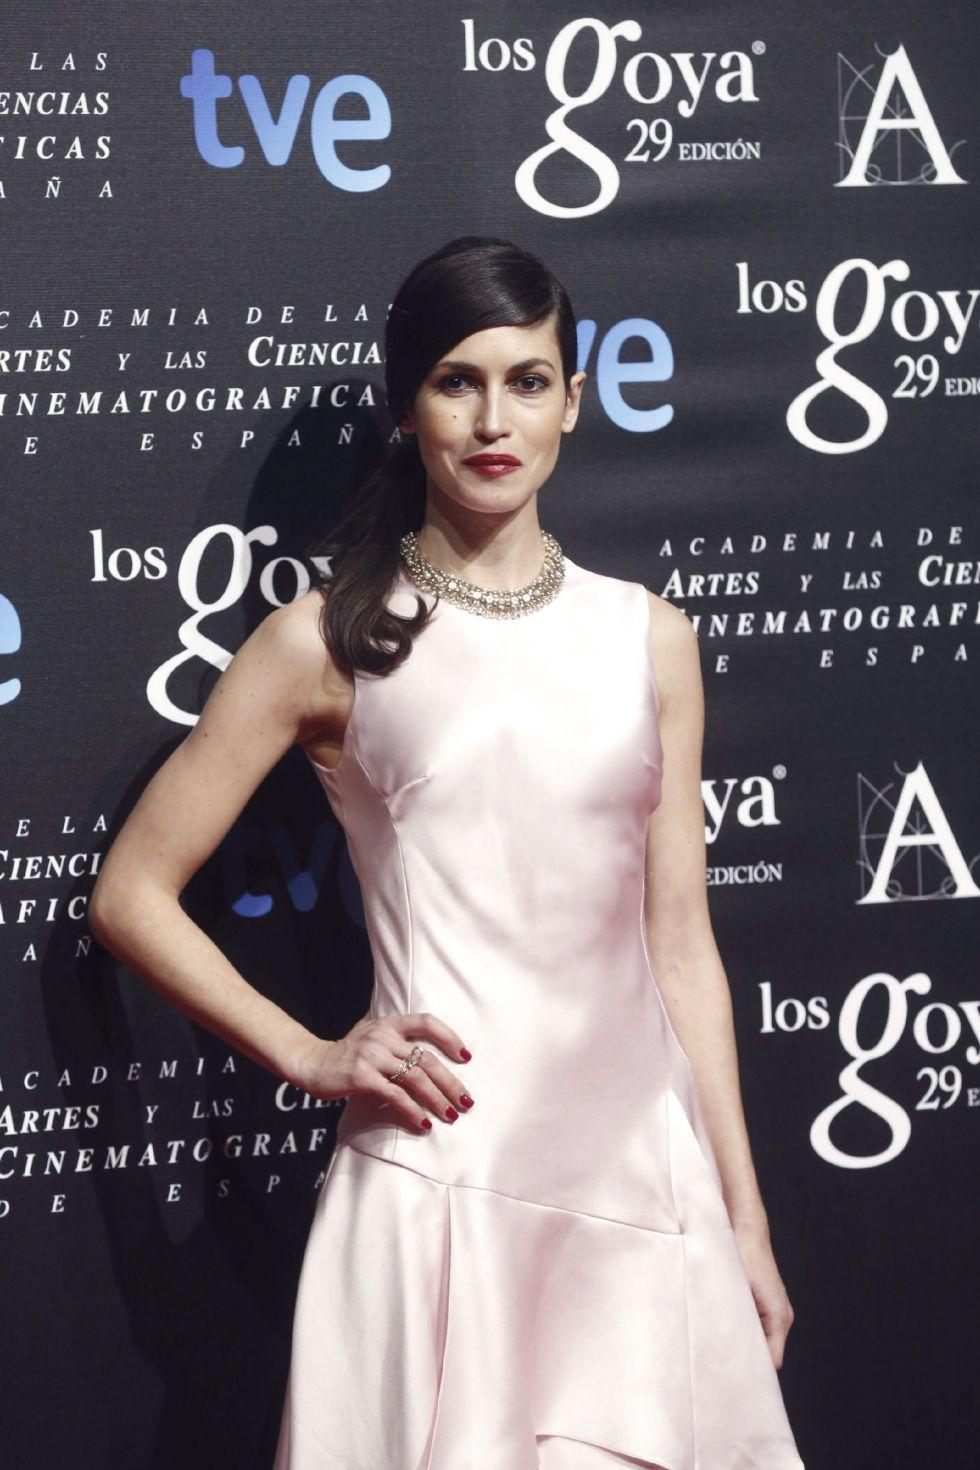 La actriz Nerea Barros, nominada a Mejor actriz revelación por 'La isla mínima'